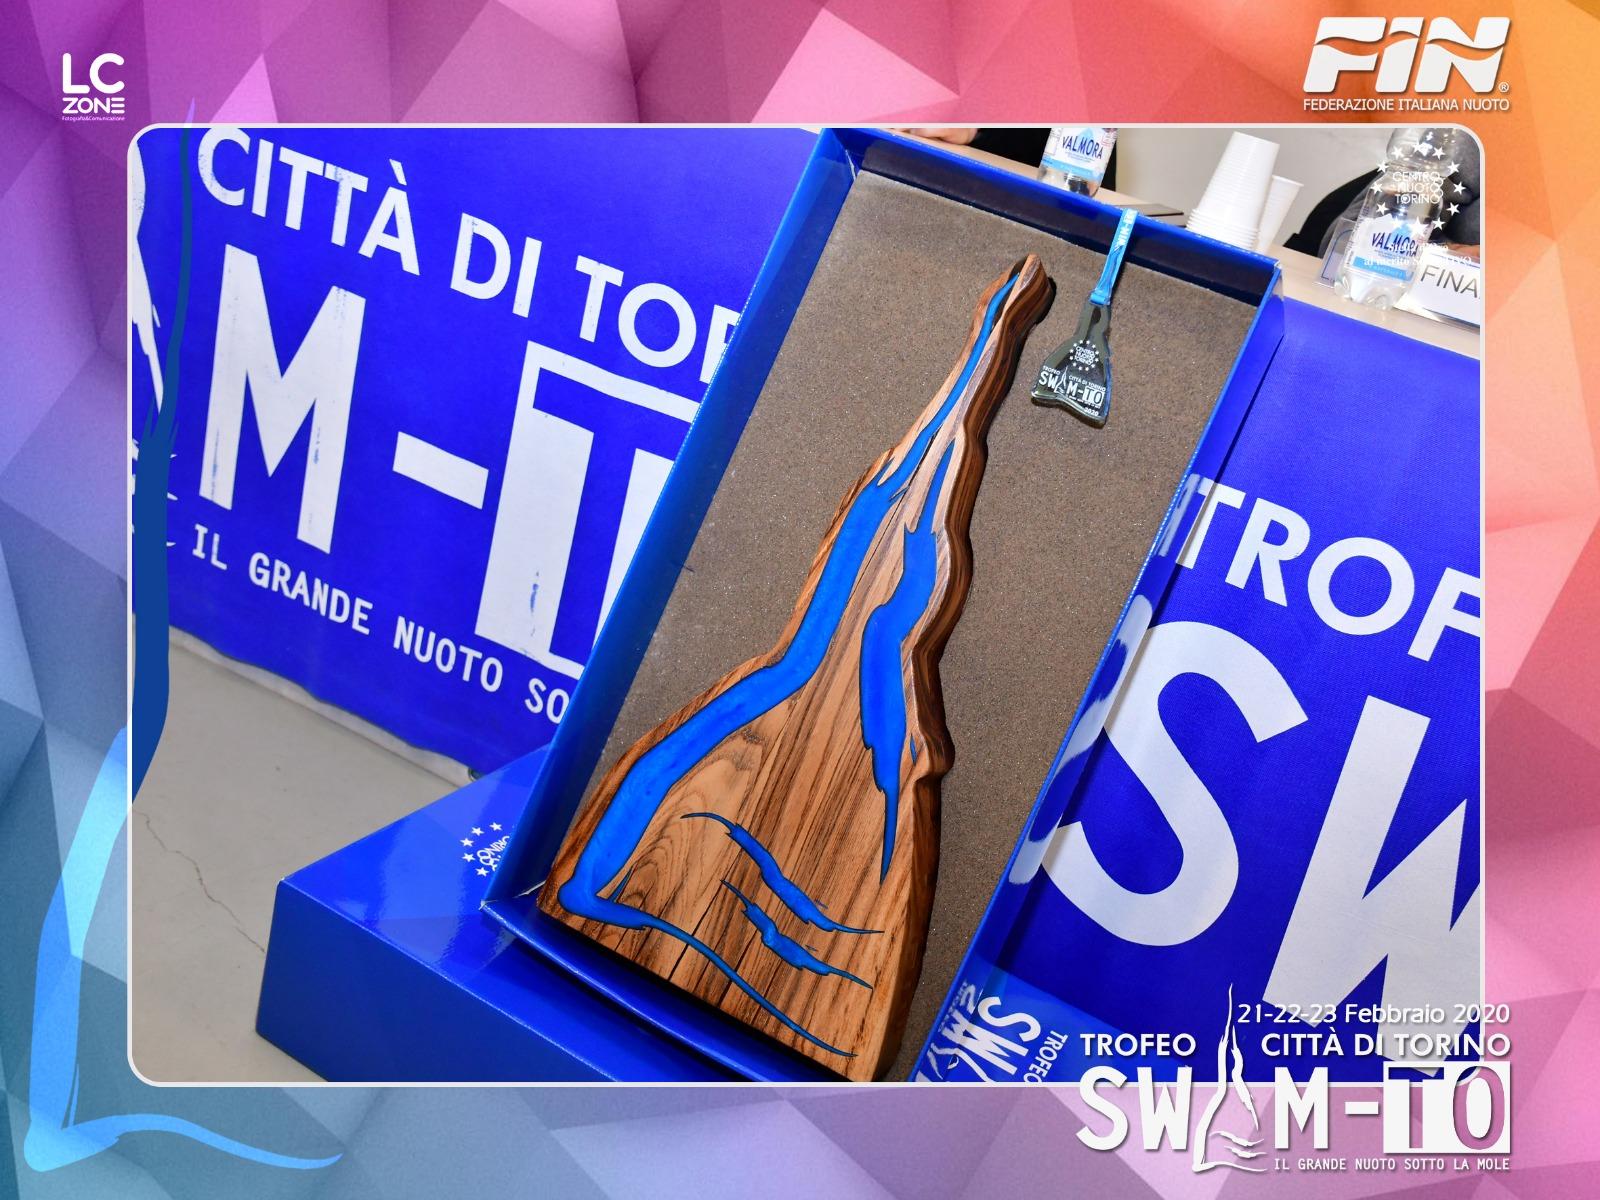 SWIM-TO 2020 – Vince Imolanuoto. Trofeo, podi e migliori prestazioni assegnate d'ufficio.